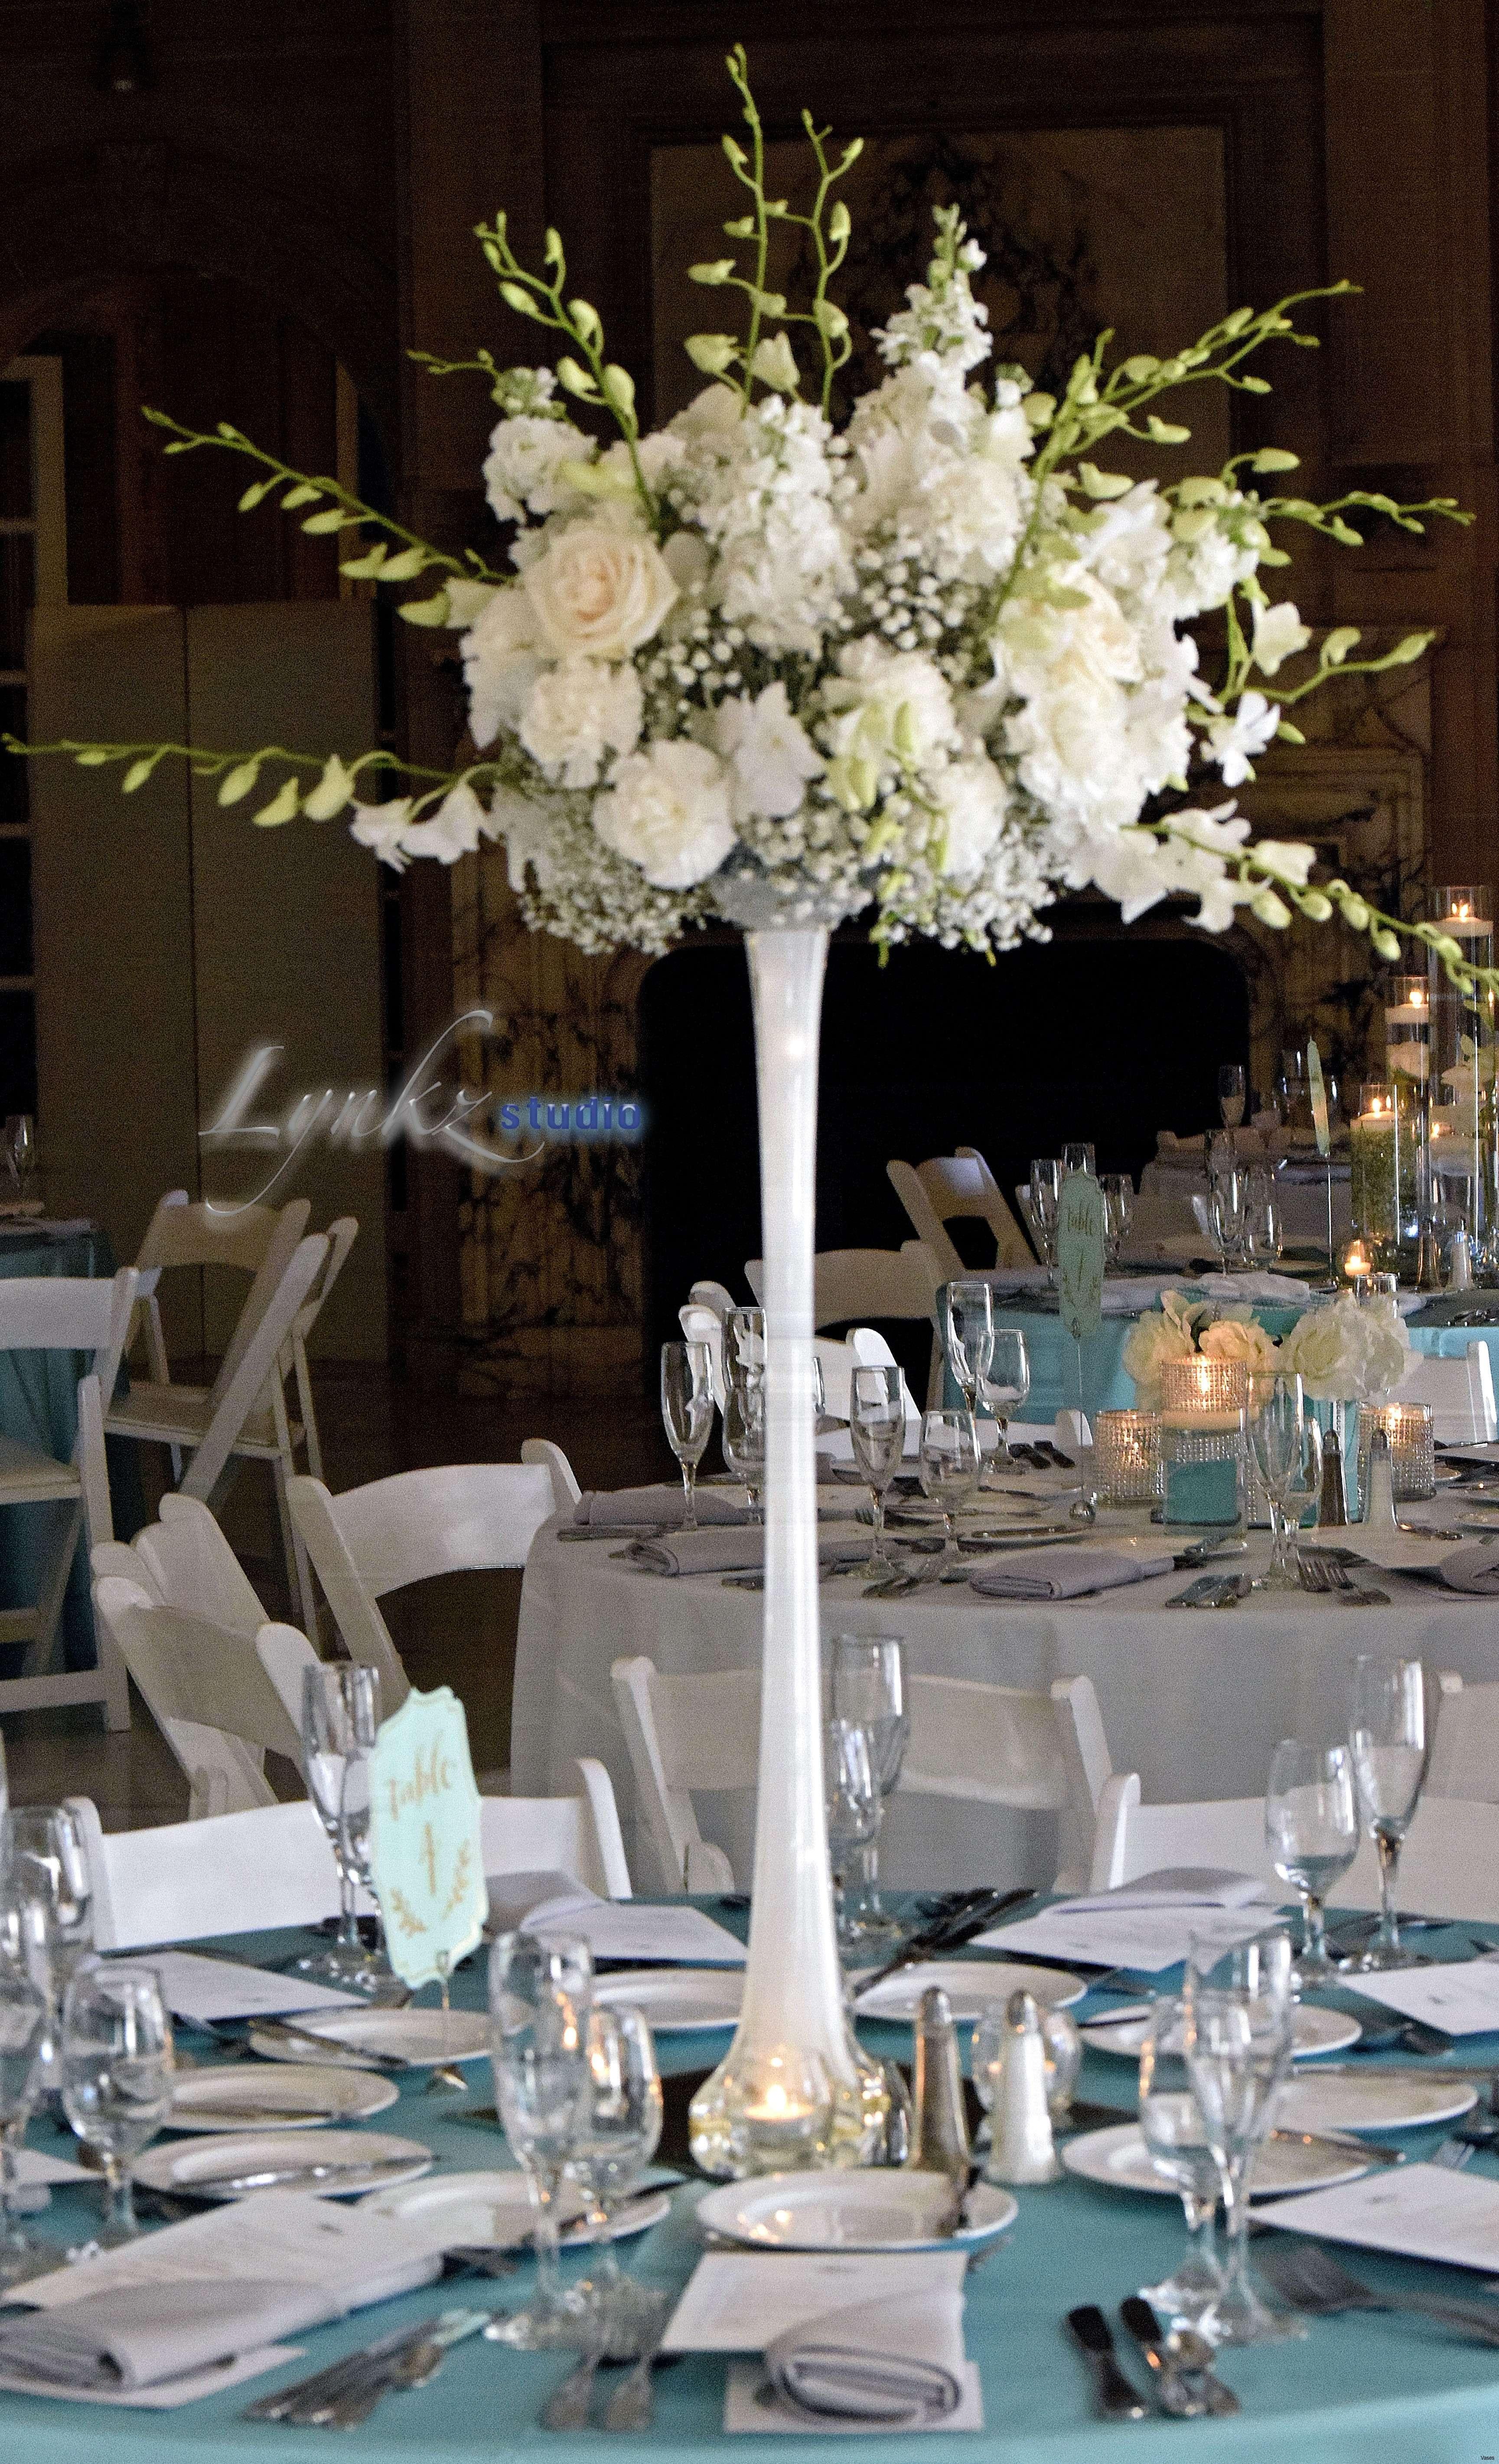 Japanese Ikebana Vases Of 25 Luxury Flower Arrangements Glass Bowls Flower Decoration Ideas In Flower Arrangements Glass Bowls Unique Vases Eiffel tower Vase Lights Hydrangea with Grass Vasei 0d Scheme